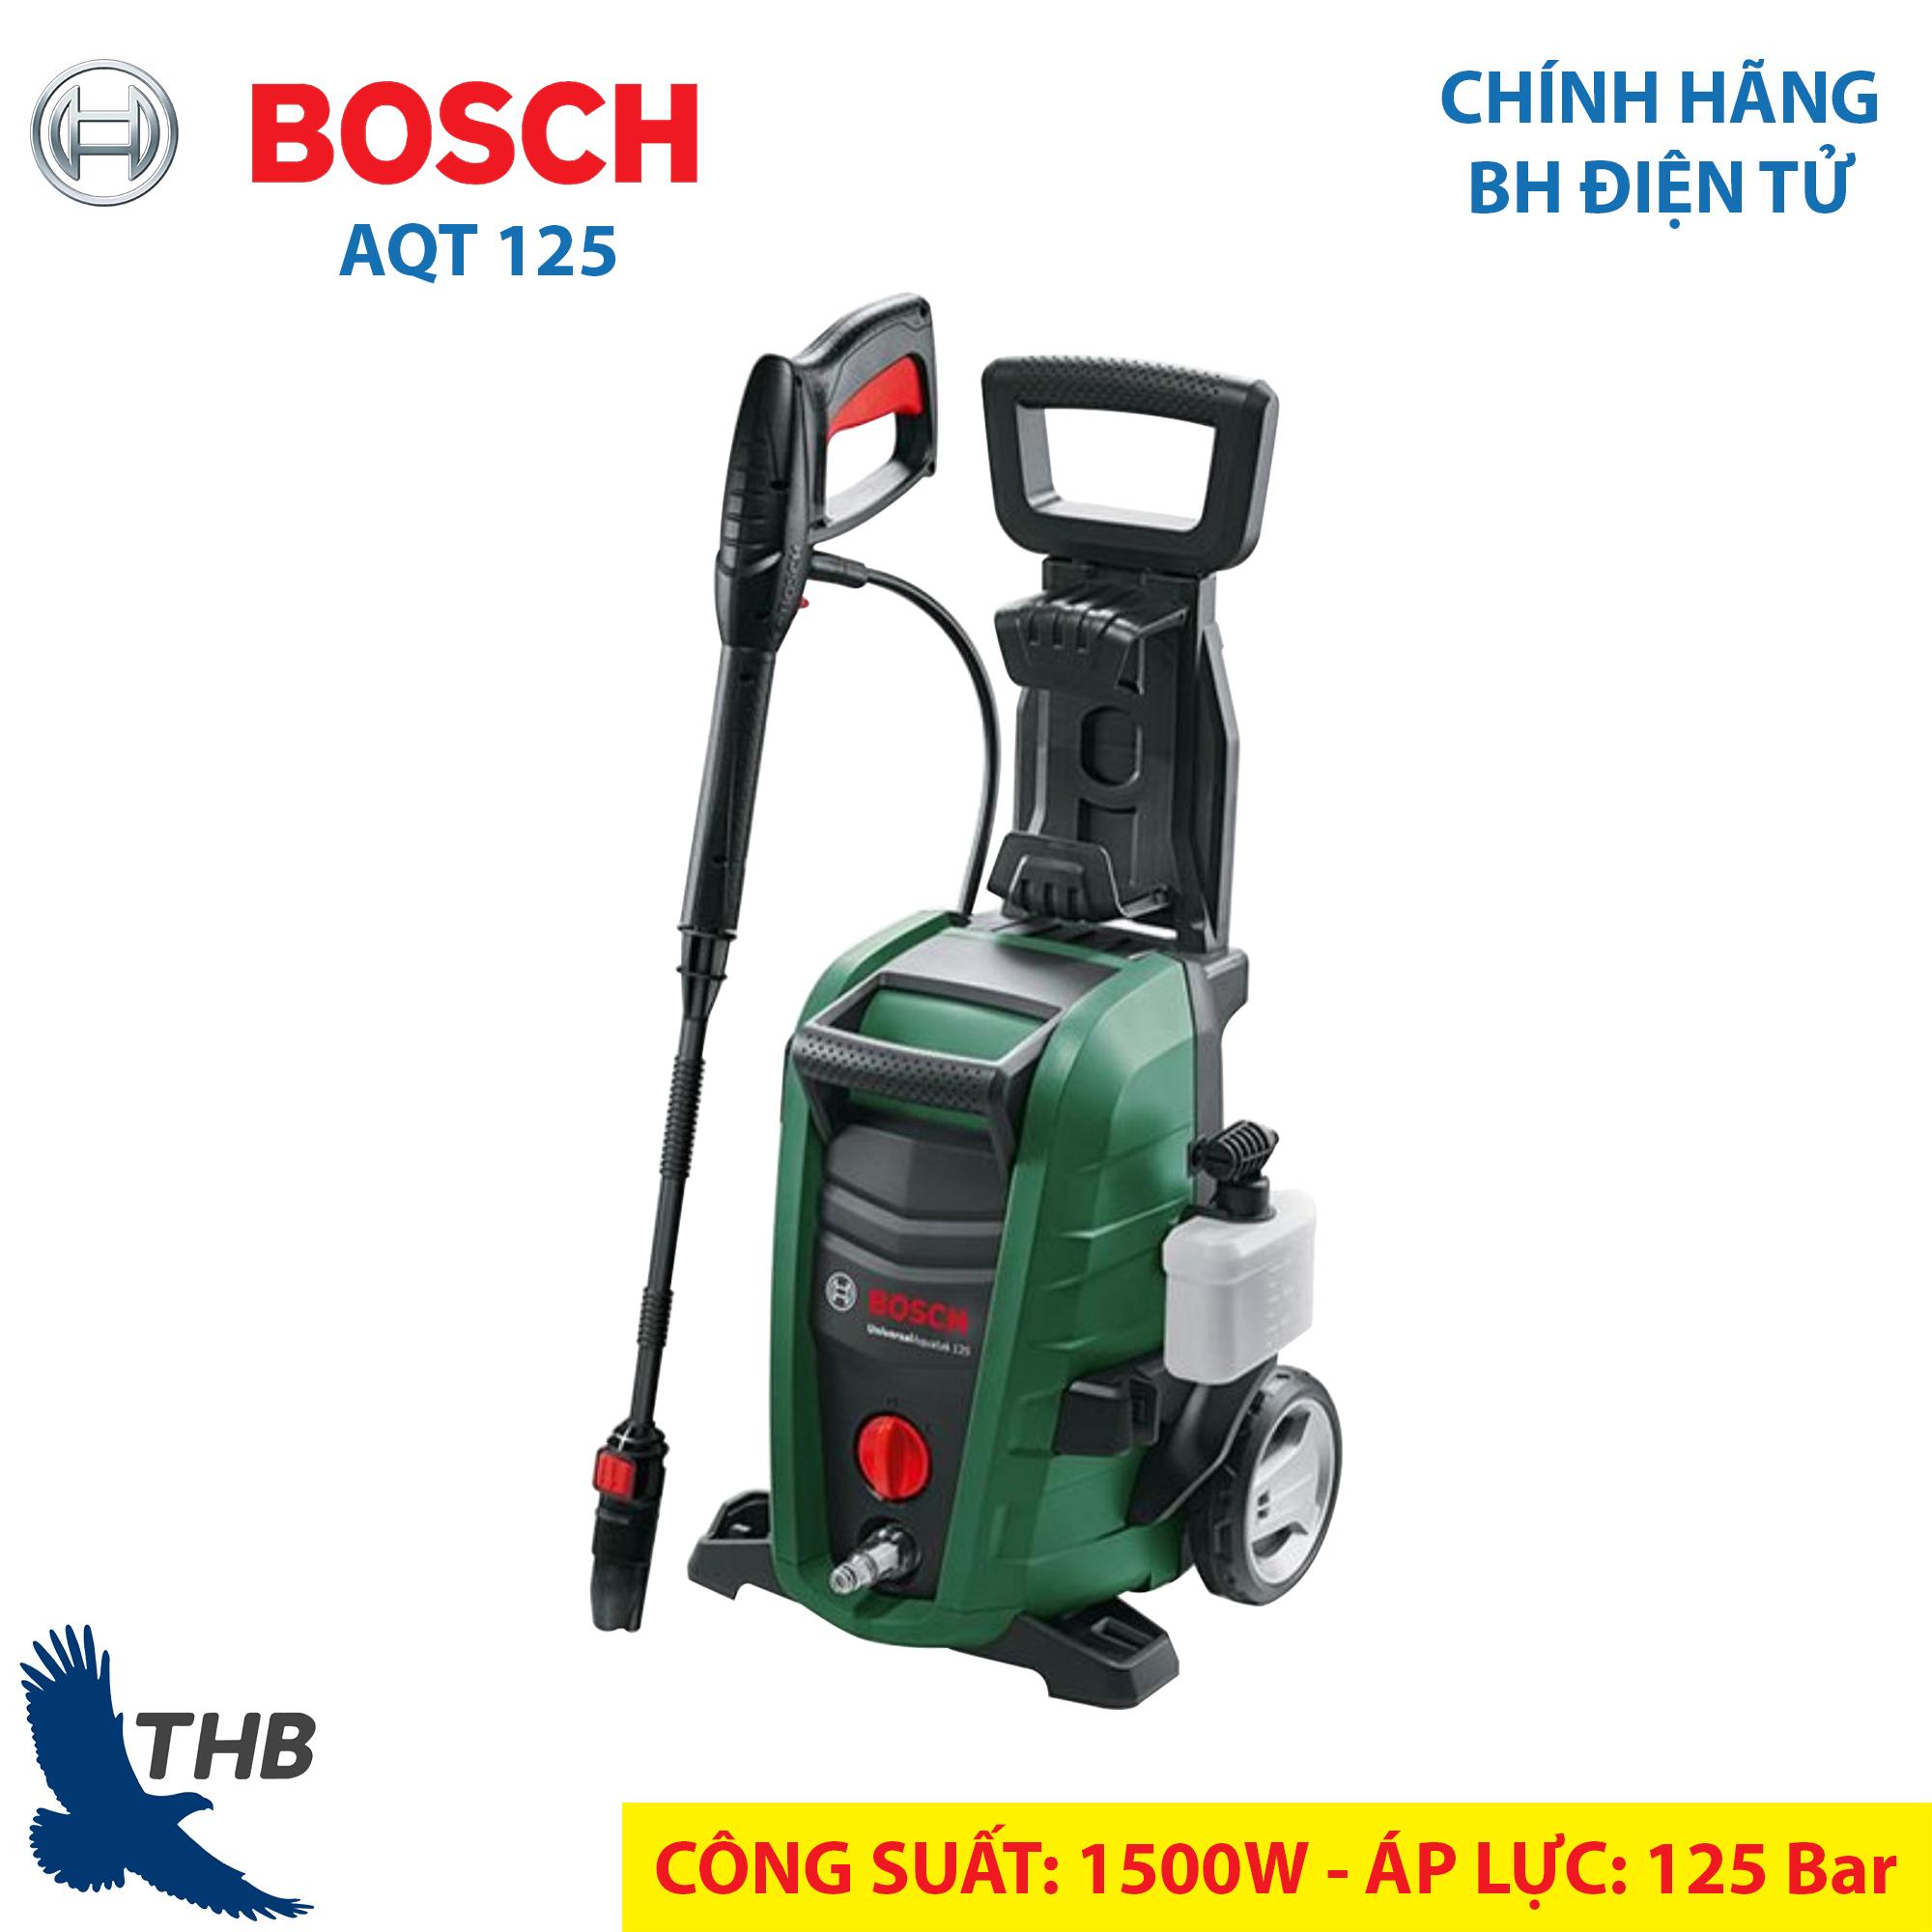 Máy rửa xe gia đình Bơm phun xịt rửa Bosch Easy Aquatak AQT 120 Áp lực 120  Bar Bảo hành điện tử 6 tháng Chất lượng Đức